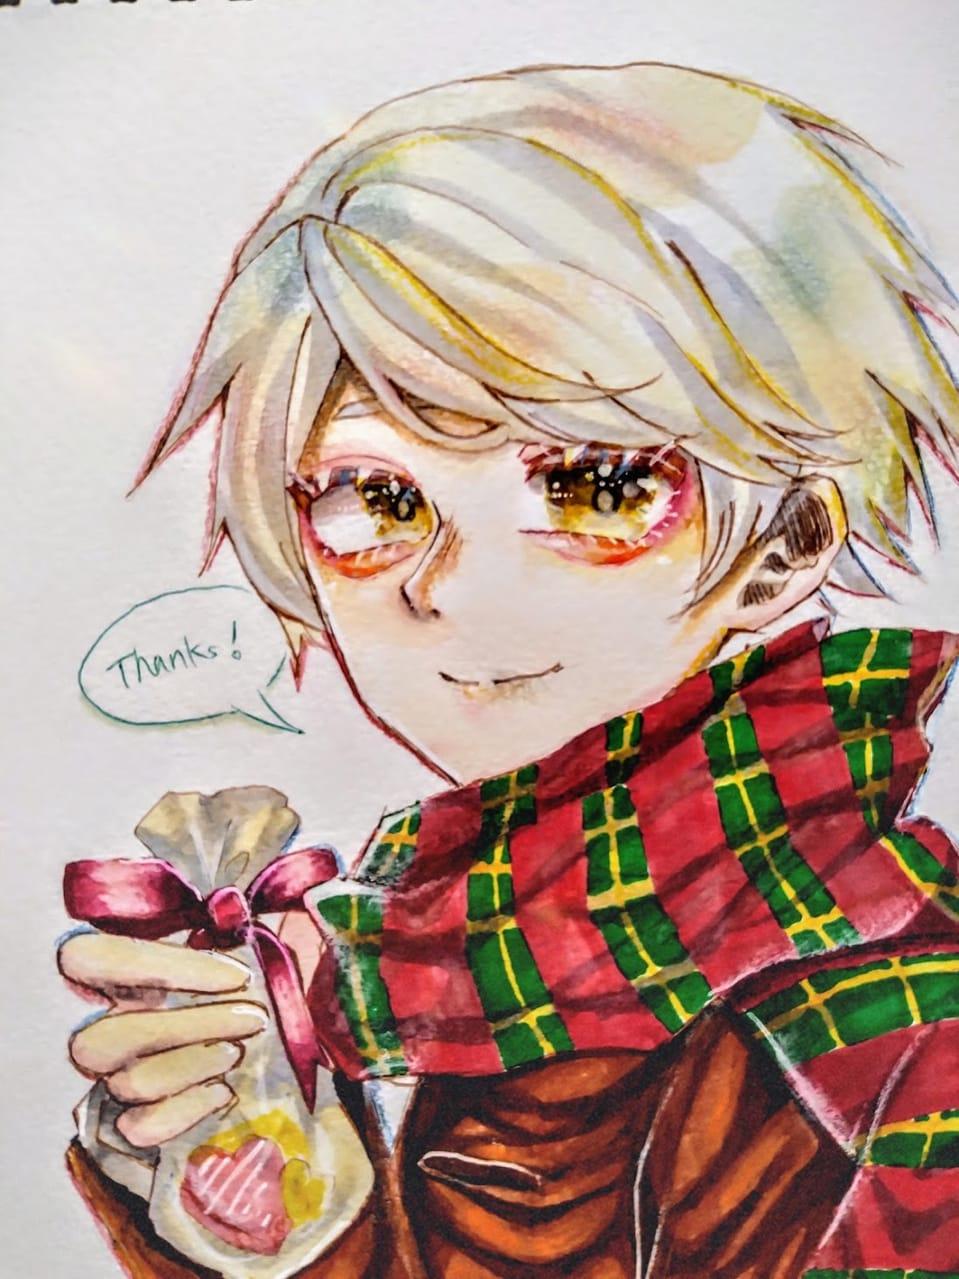 バレンタイン Illust of フラミパン boy アナログ white_hair おとこのこ yellow マフラー 中学生の本気 Valentine oc